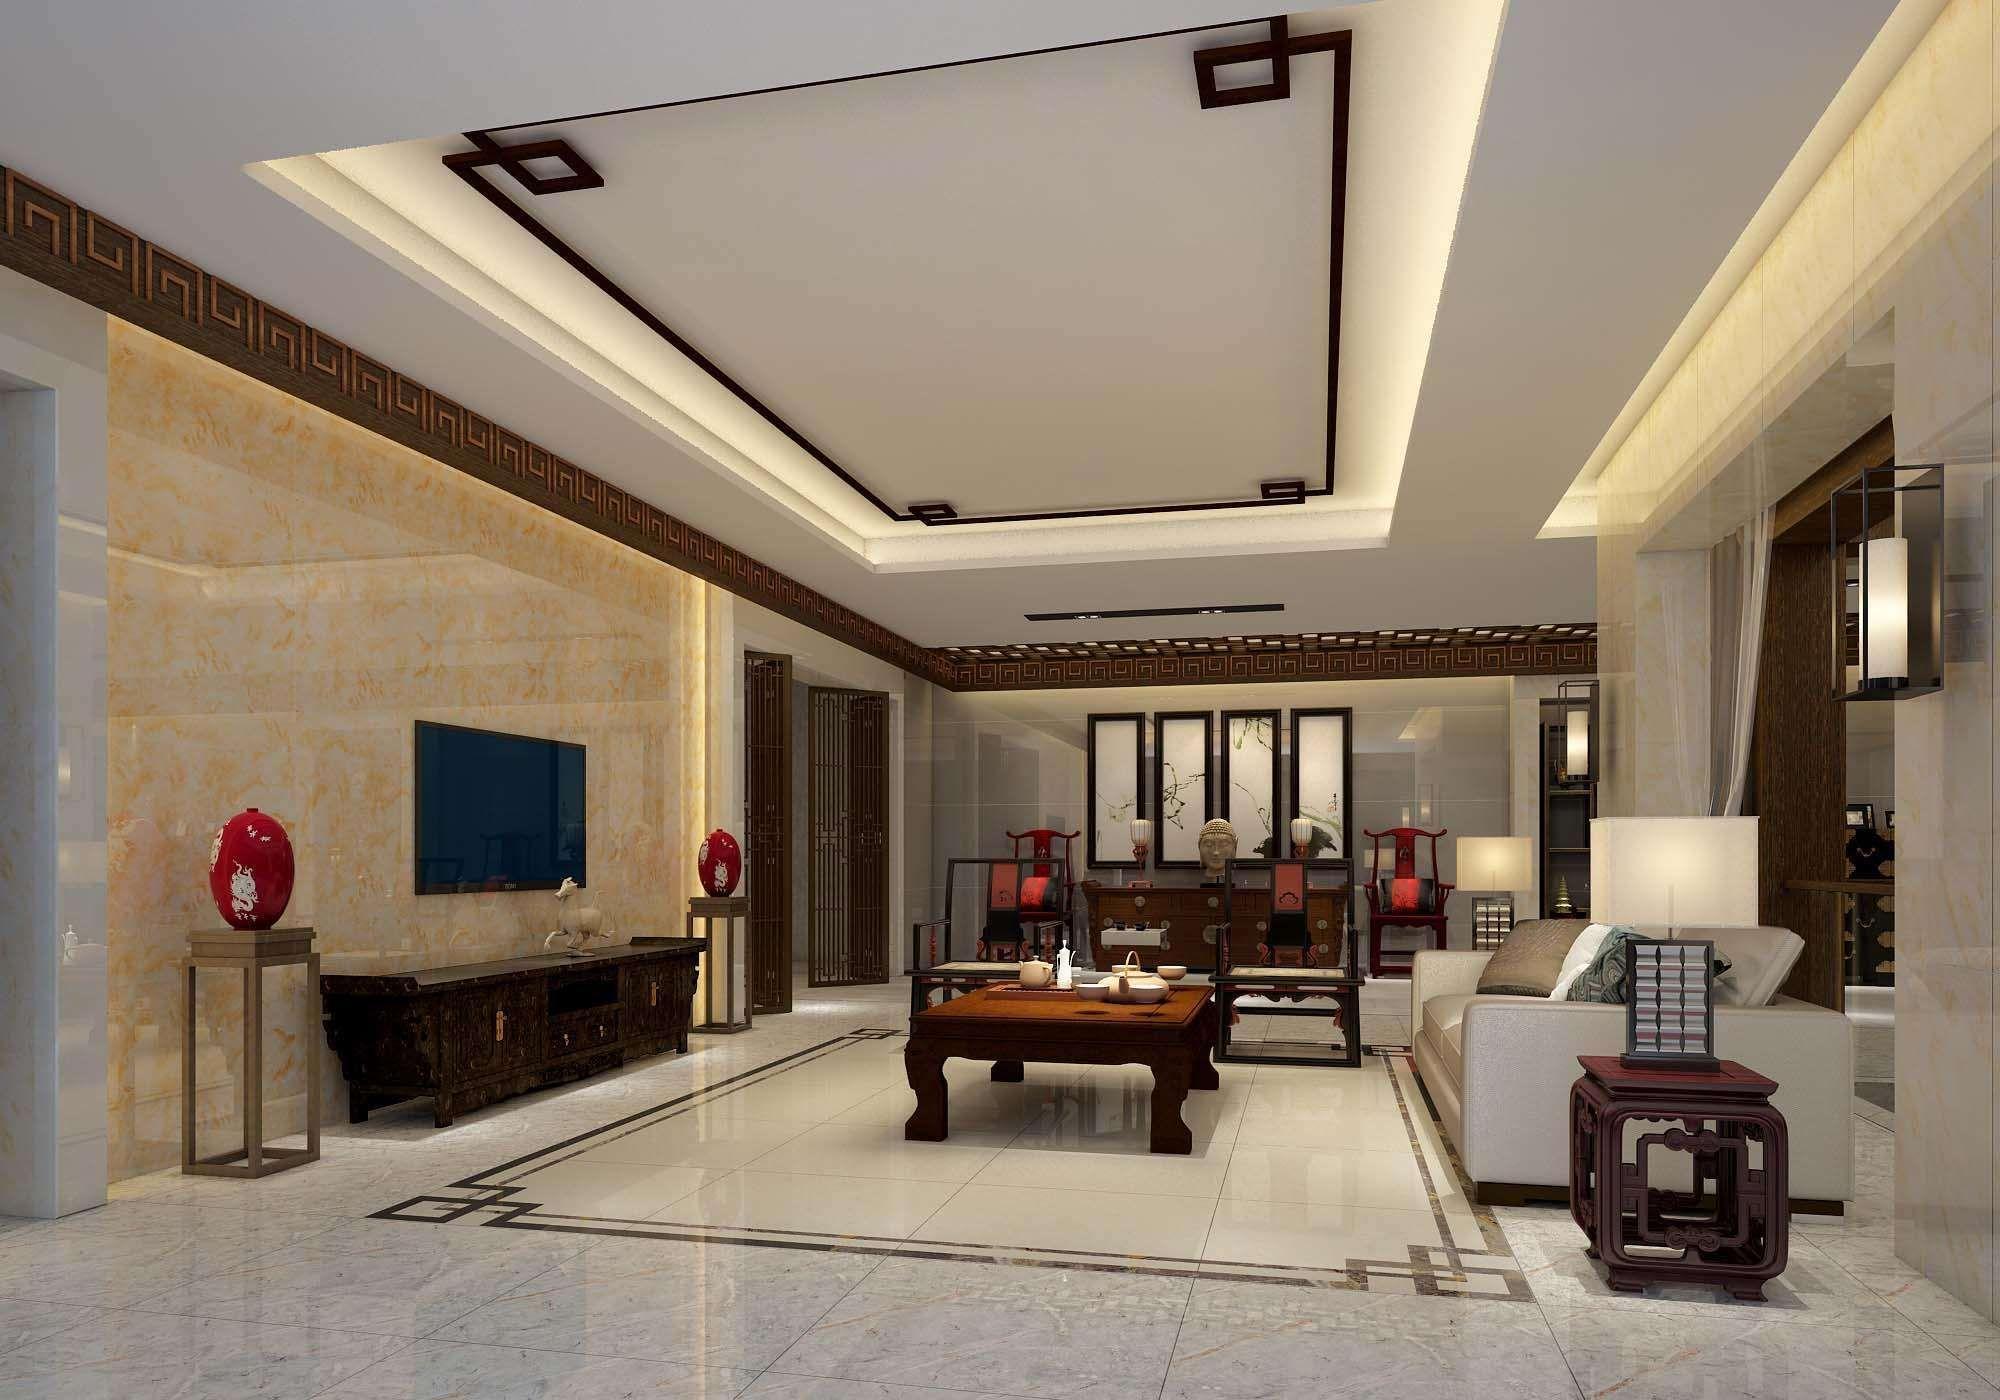 客厅瓷砖选购类型 瓷砖挑选注意事项